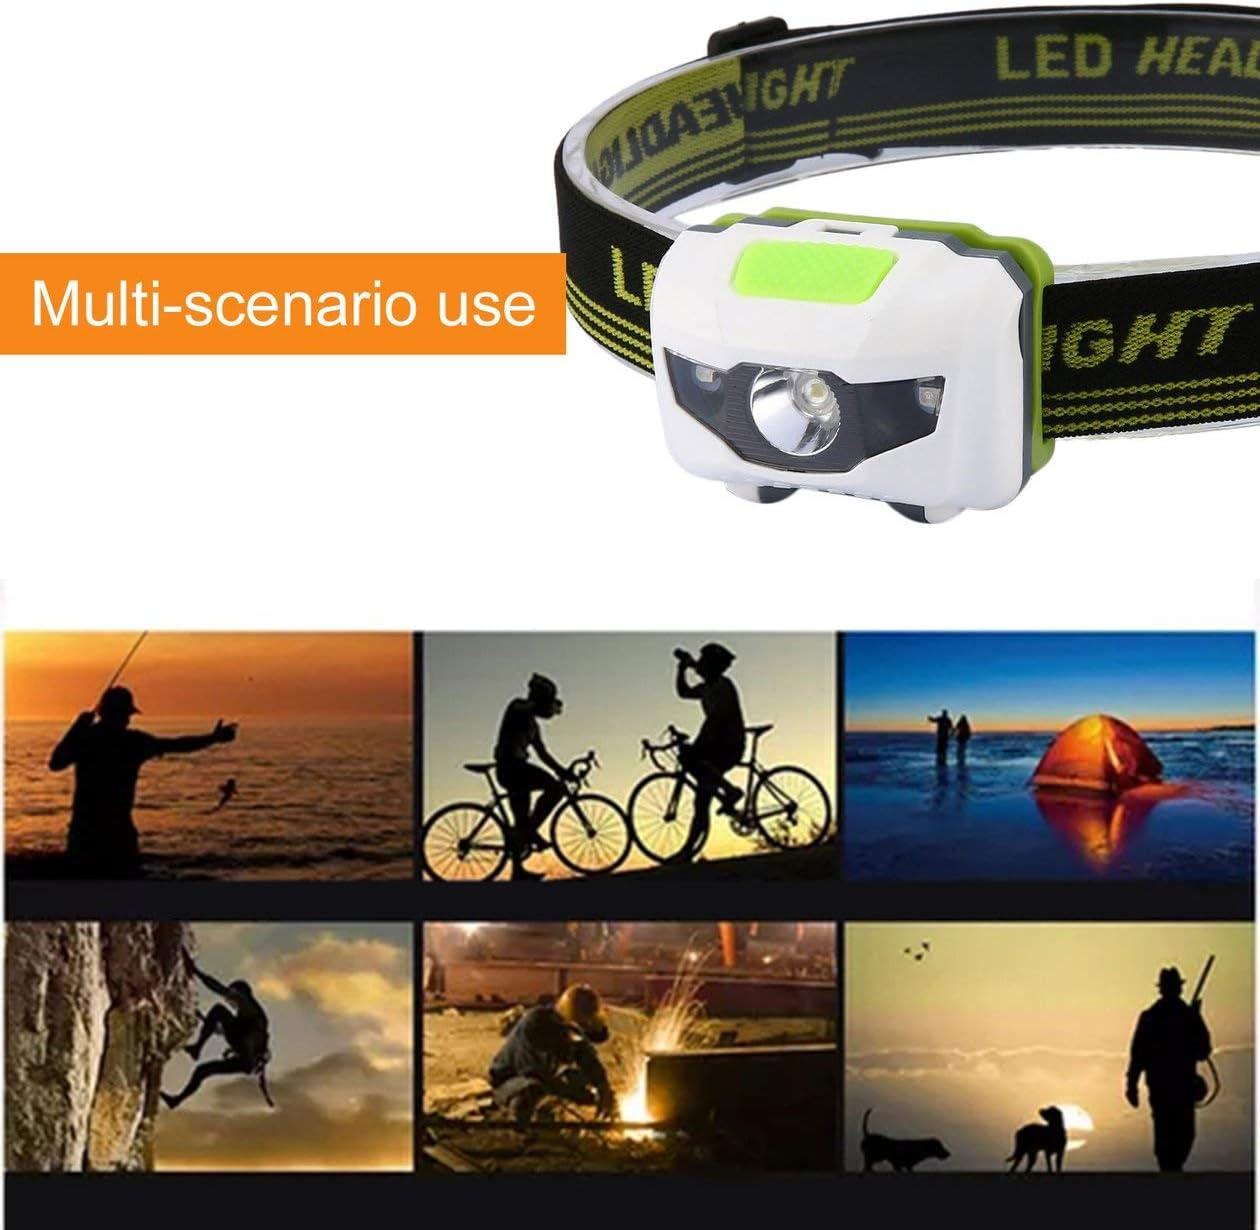 Couleur: Blanc et Vert HONGIGI LED Phare Lampe Phare Phare CE Camping Phare /à Induction /à Piles pour Le Camping randonn/ée p/êche en Plein air